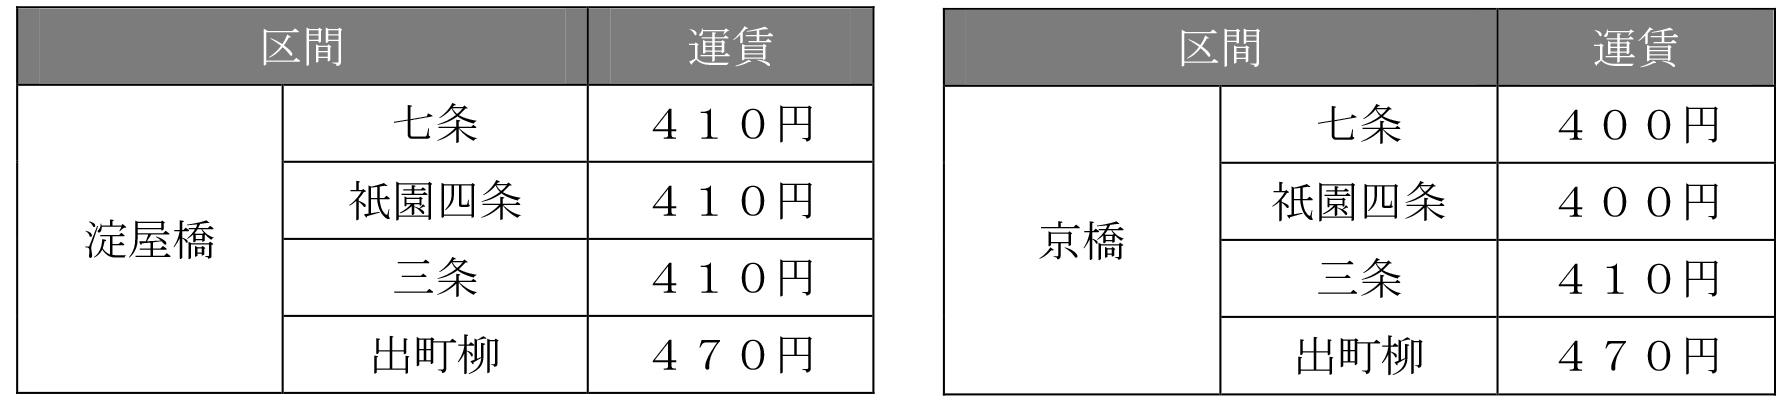 2015-08-24_rakuraku-51